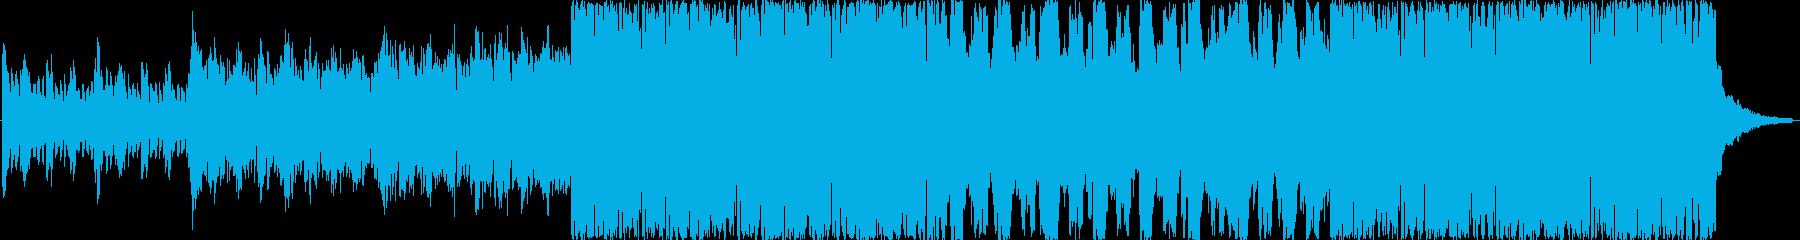 綺麗なコーラスに歪んだ音を組み合わせた曲の再生済みの波形